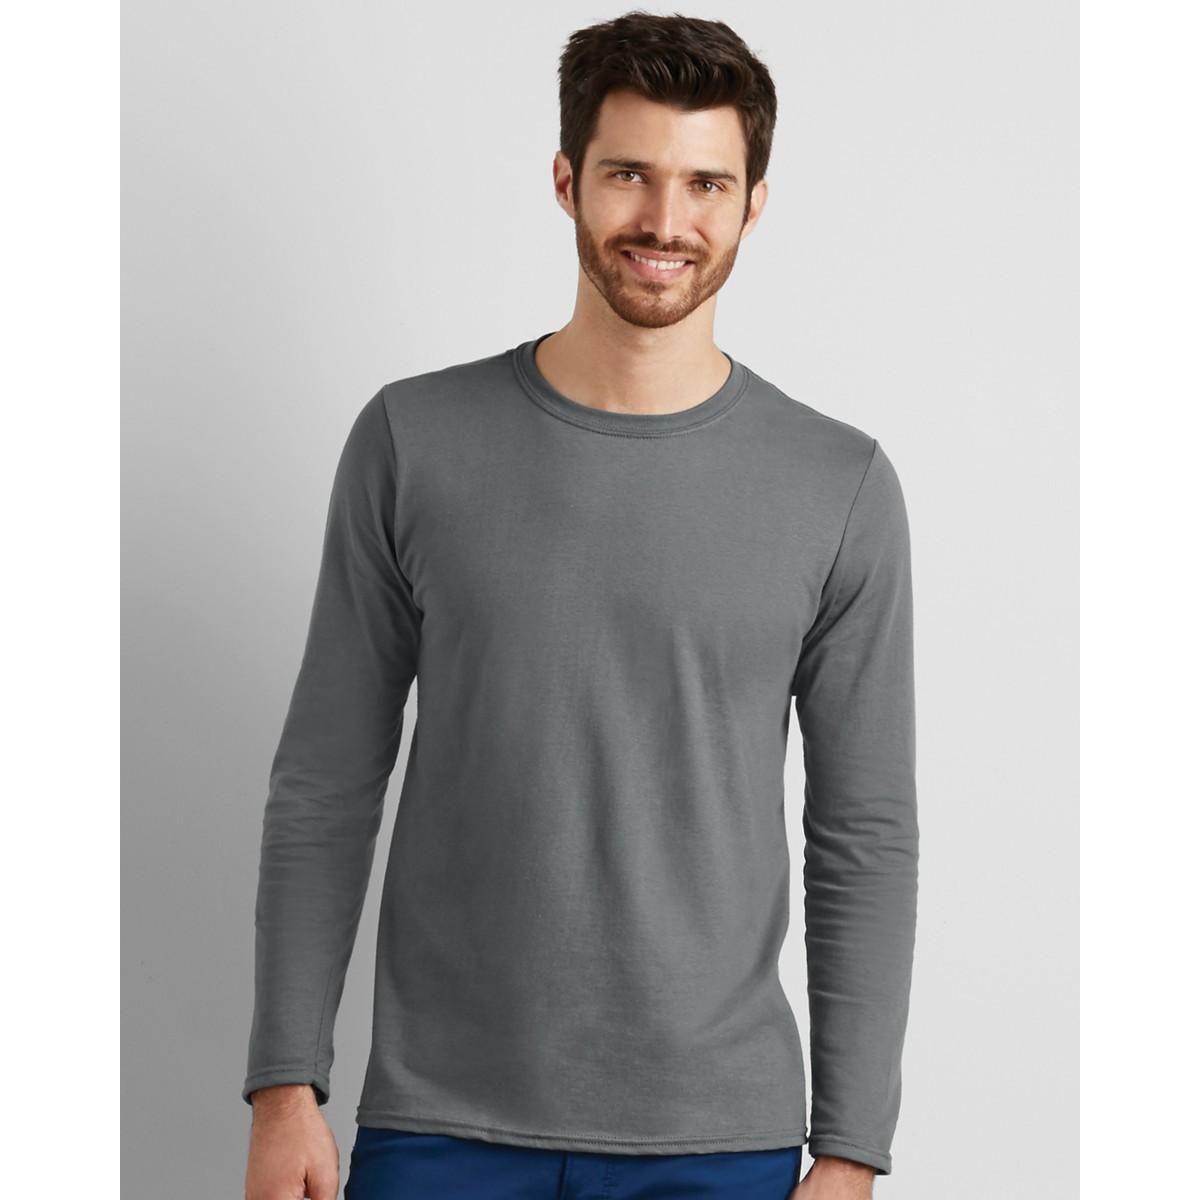 e94e559a75c Gildan Softstyle Men s Long Sleeve Personalised T-shirts